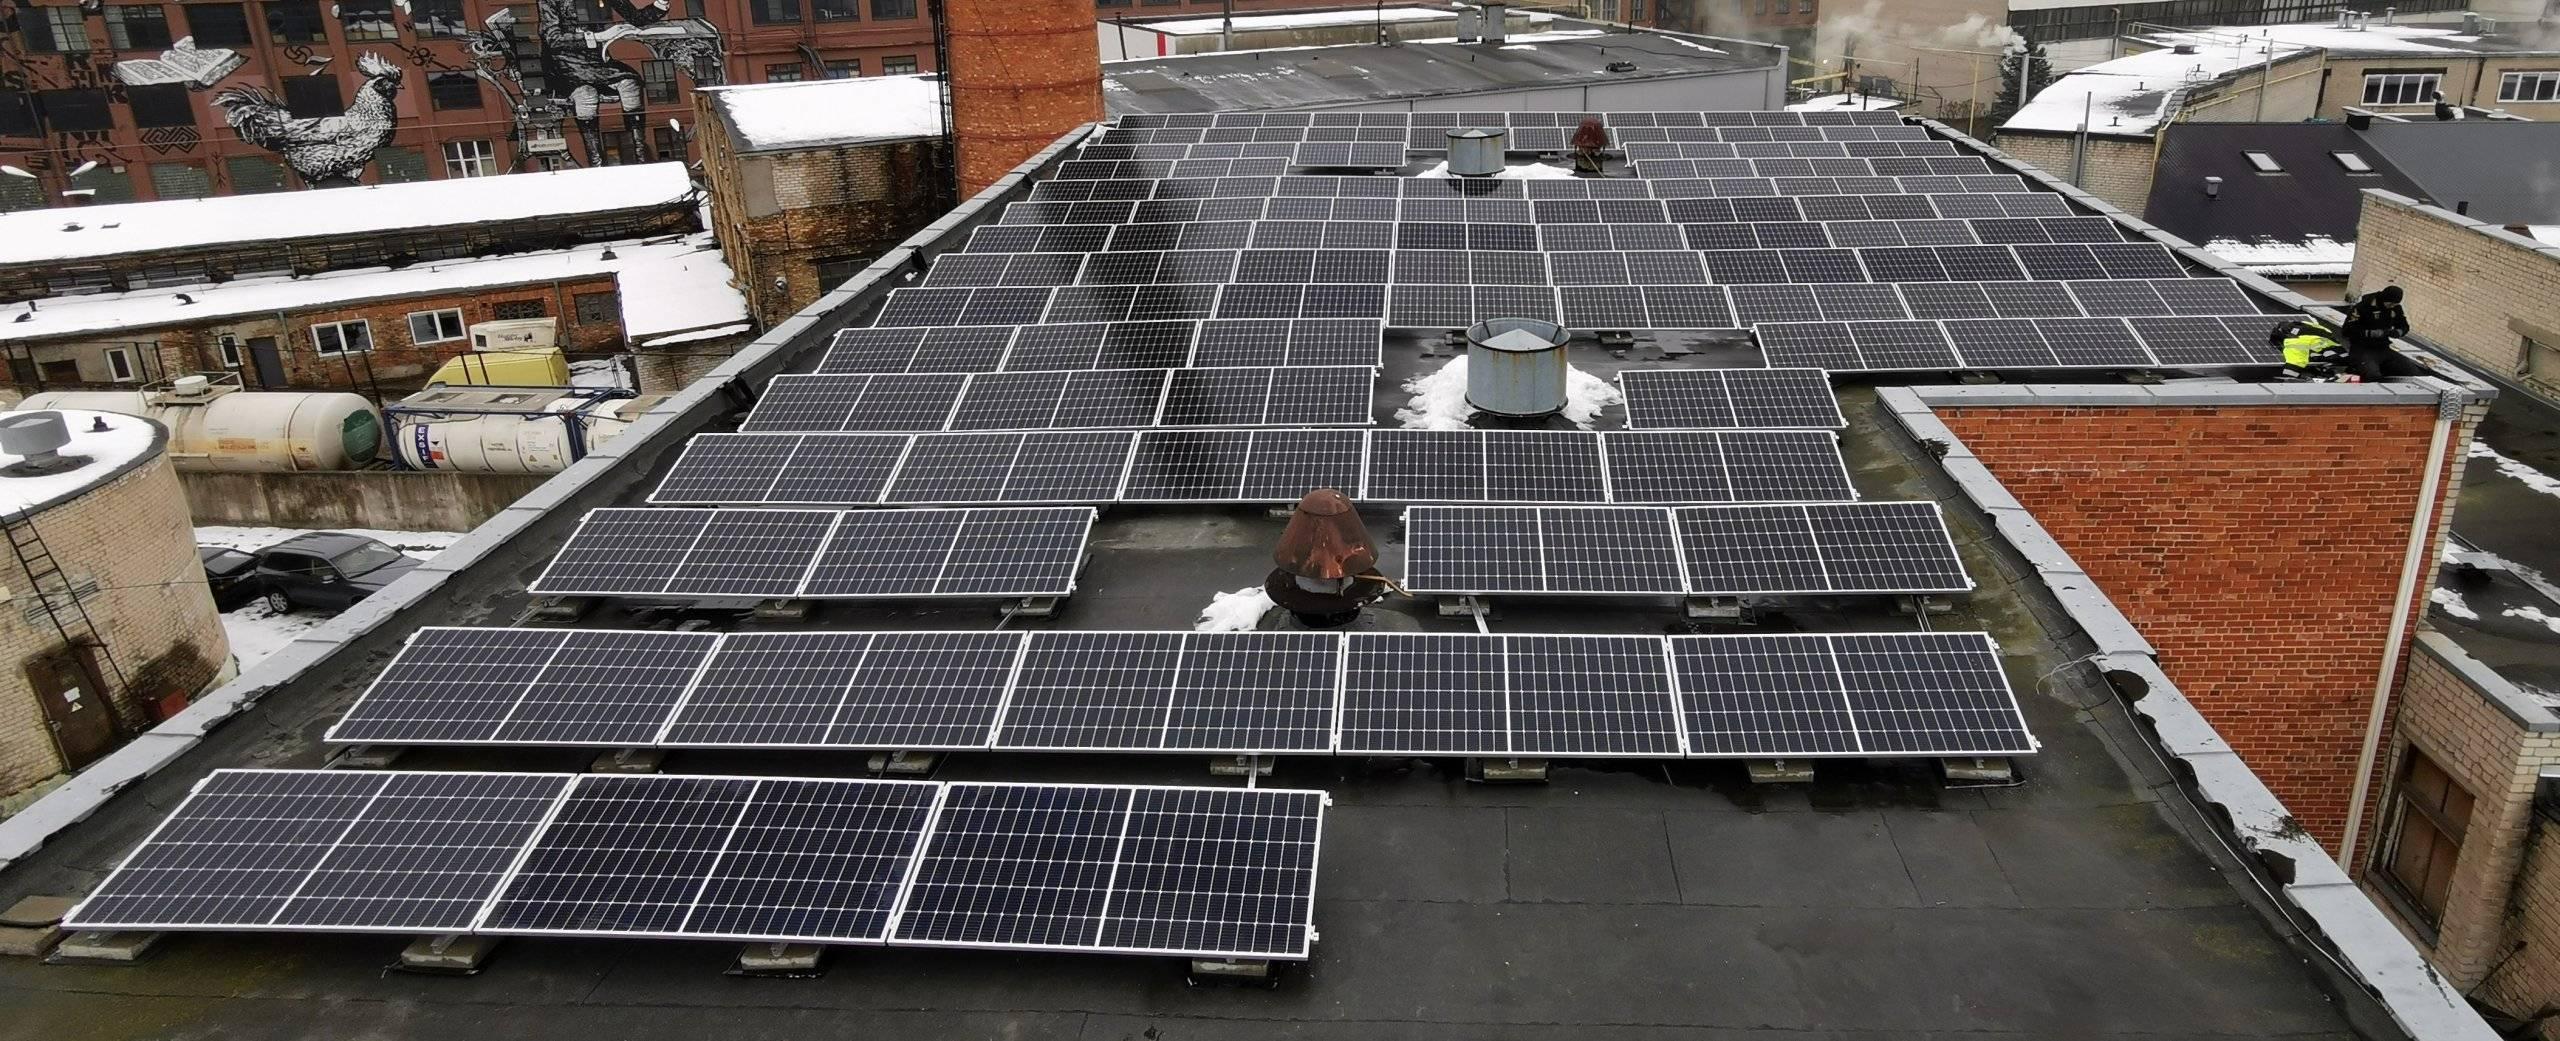 parama saules elektrinei verslui